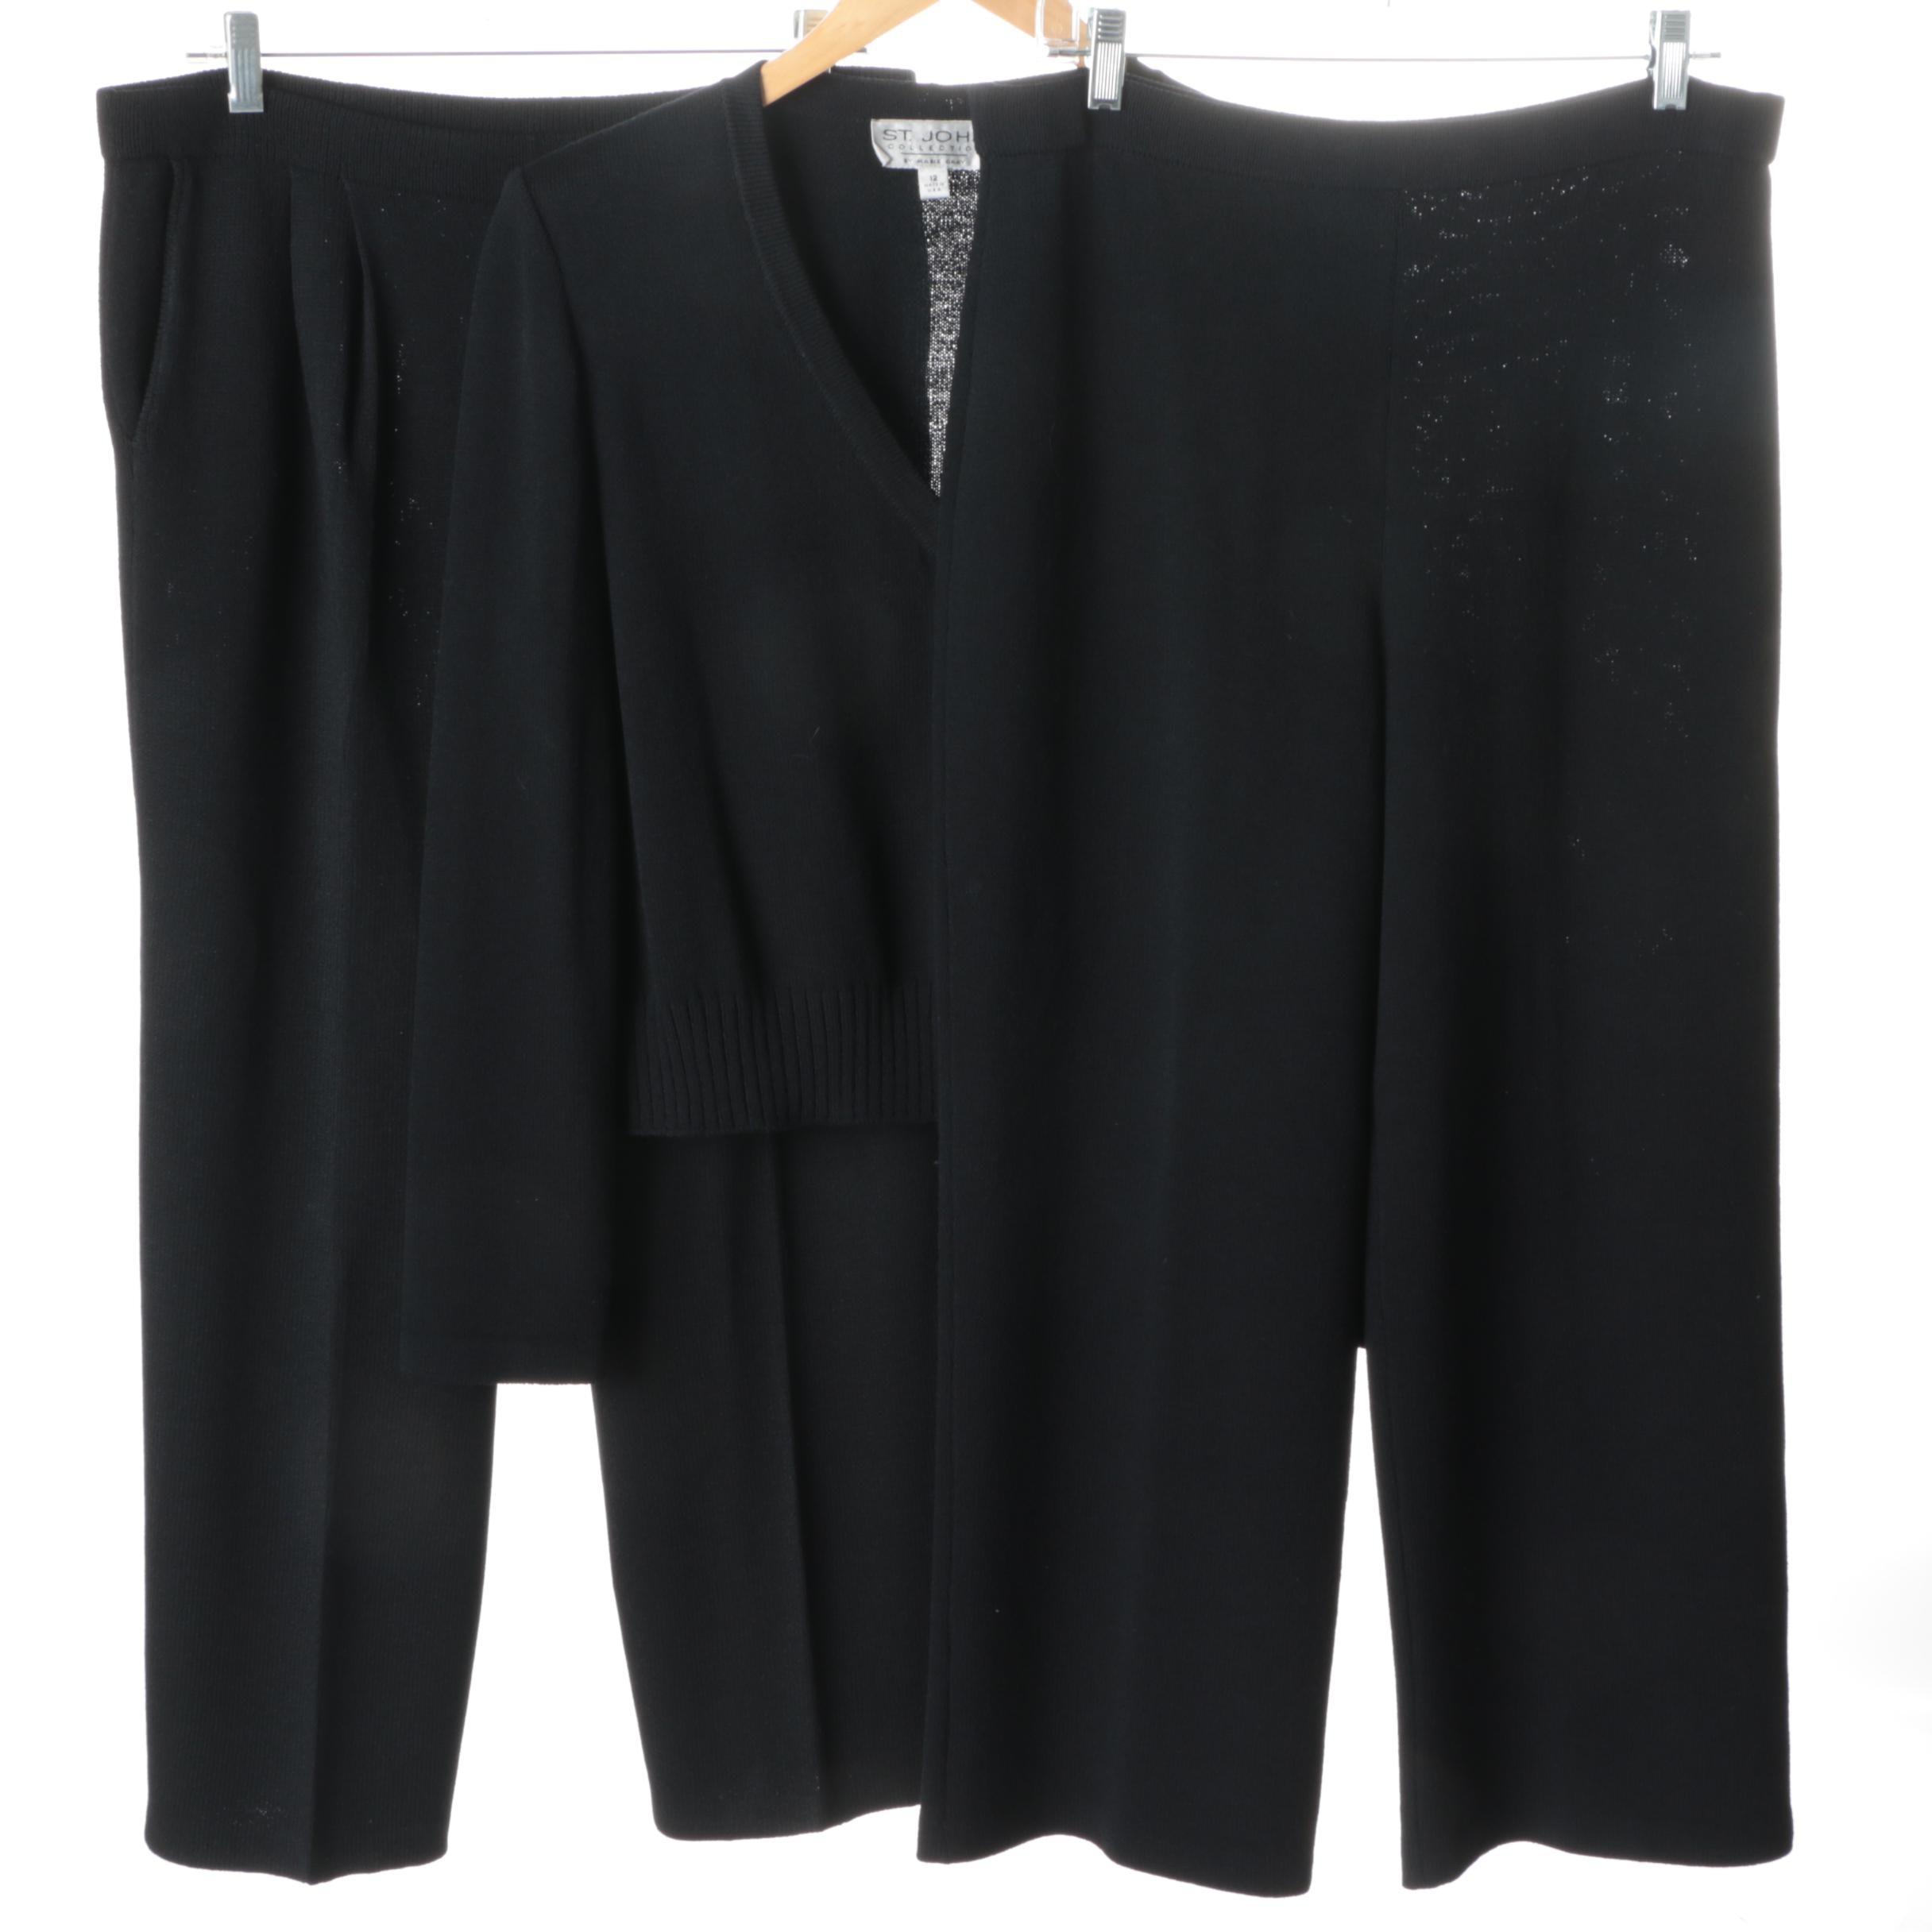 St. John Black Knitwear